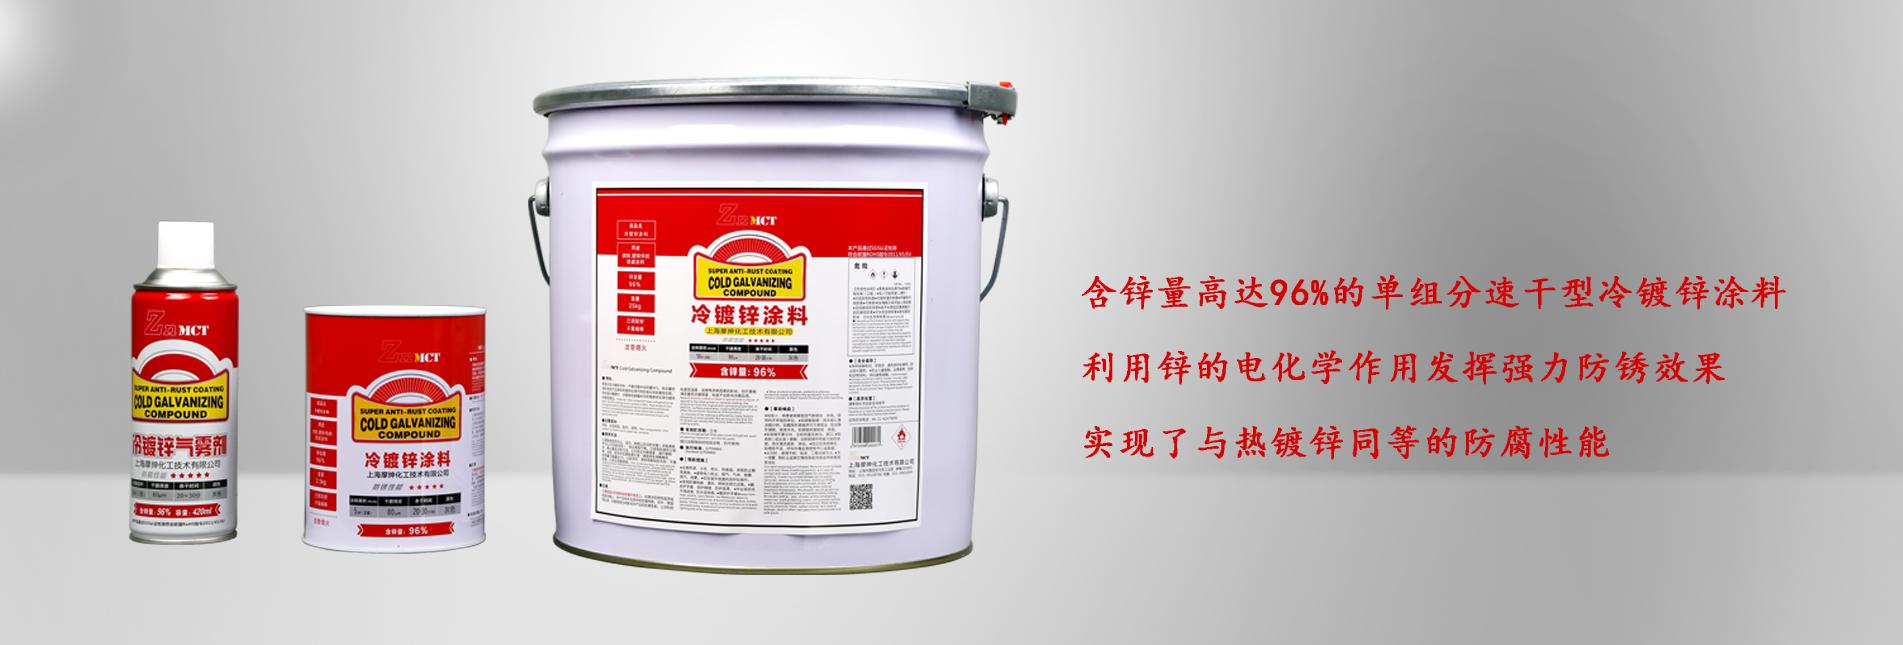 上海摩绅化工技术有限公司